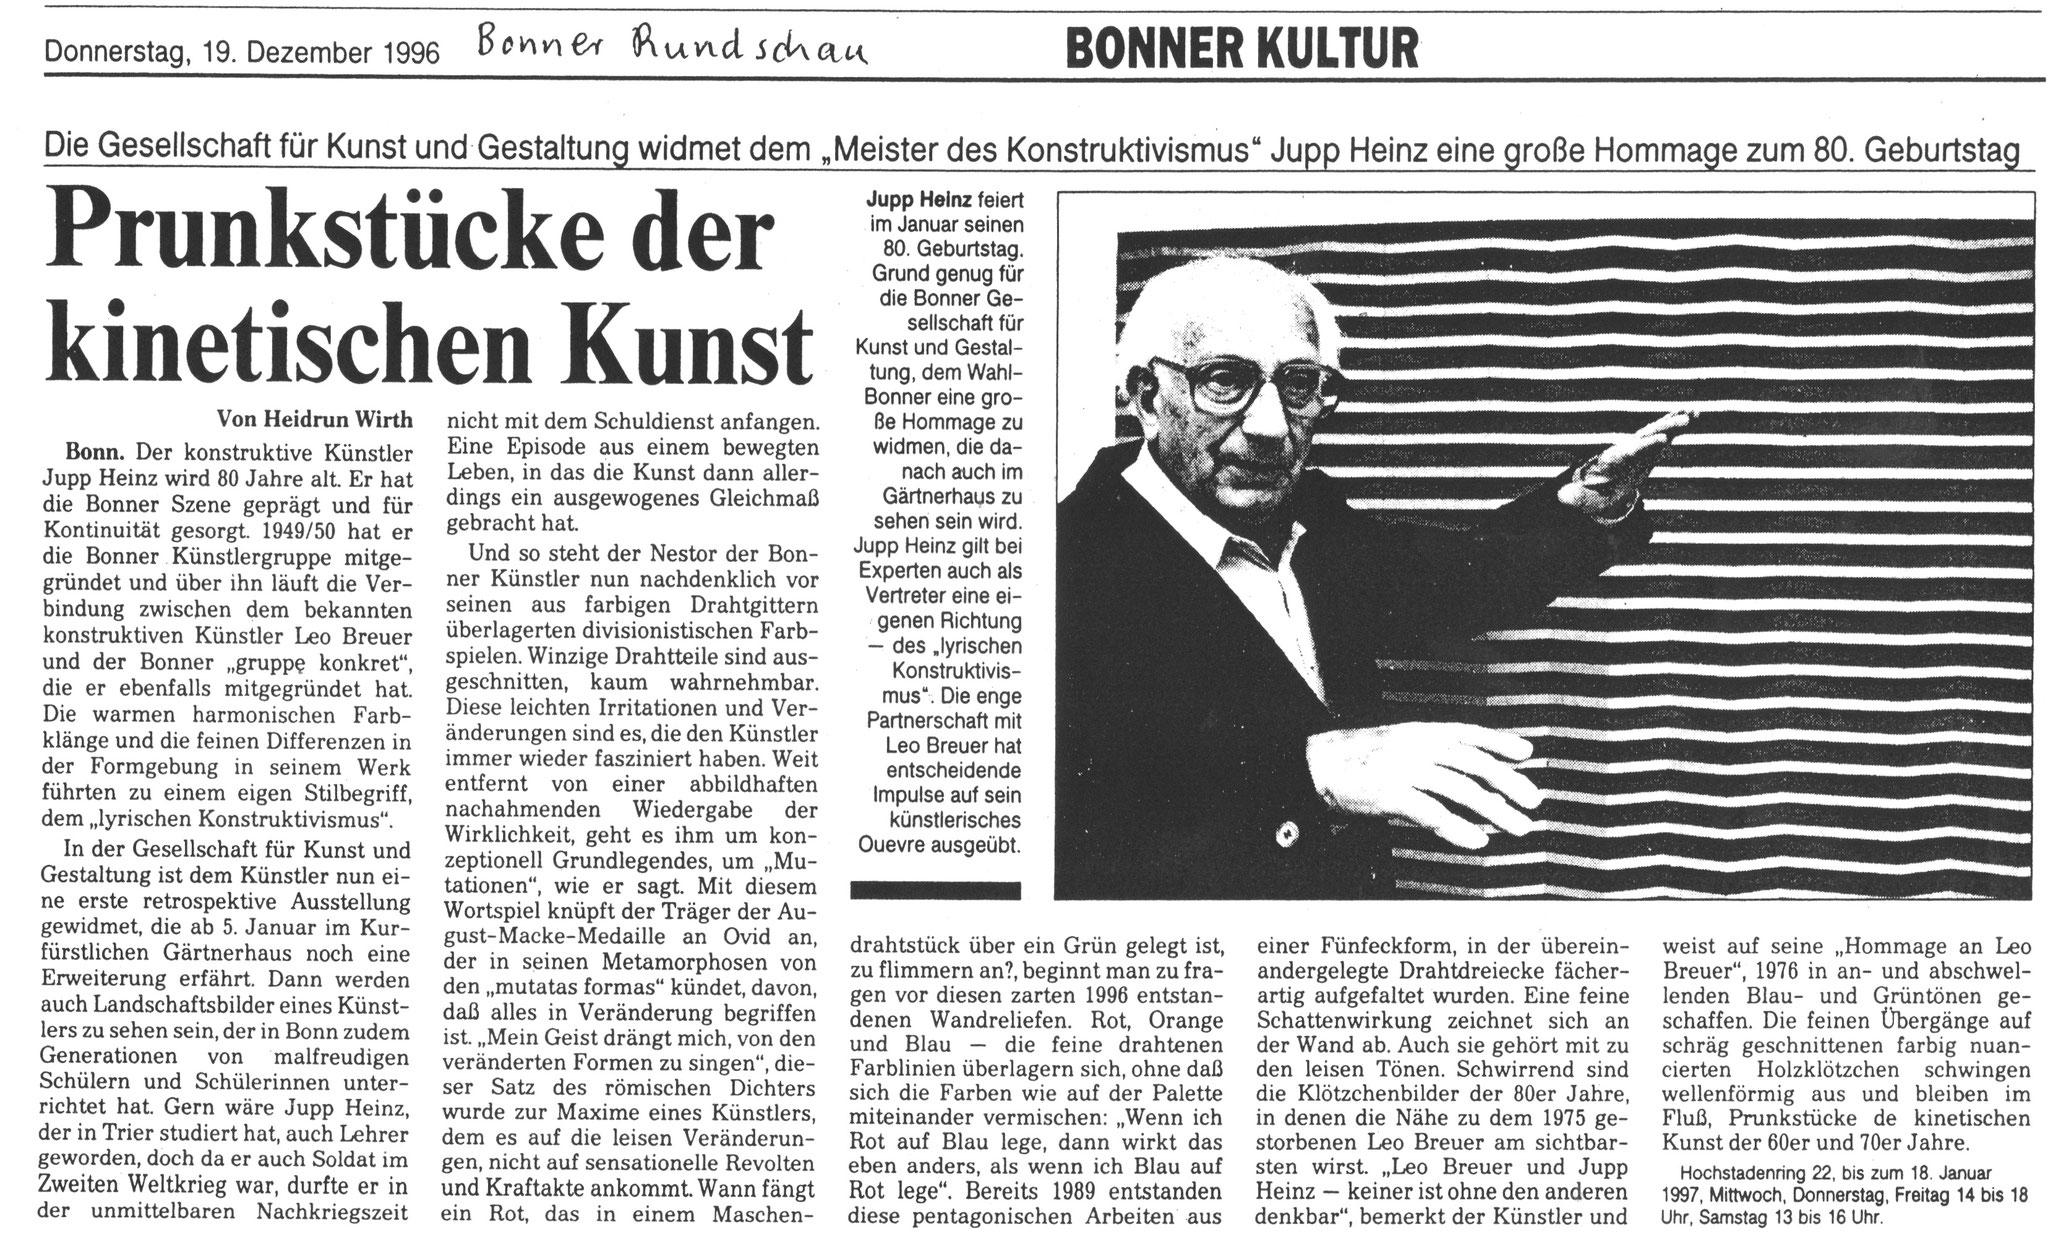 Bonn, Bonner Rundschau 1996